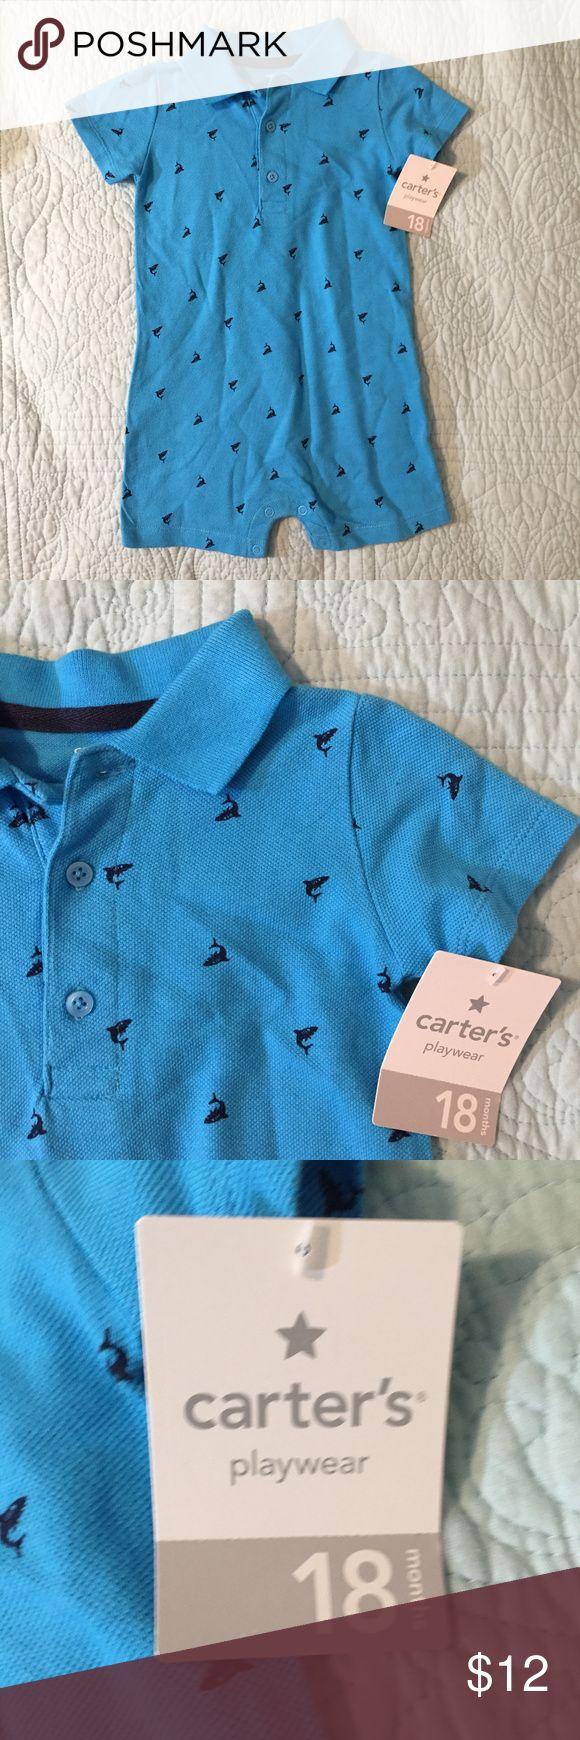 Carter's Blue Shark Romper, 18 Months Carter's Blue Shark Romper Size 18 Months New With Tags Smoke Free Home Carter's One Pieces